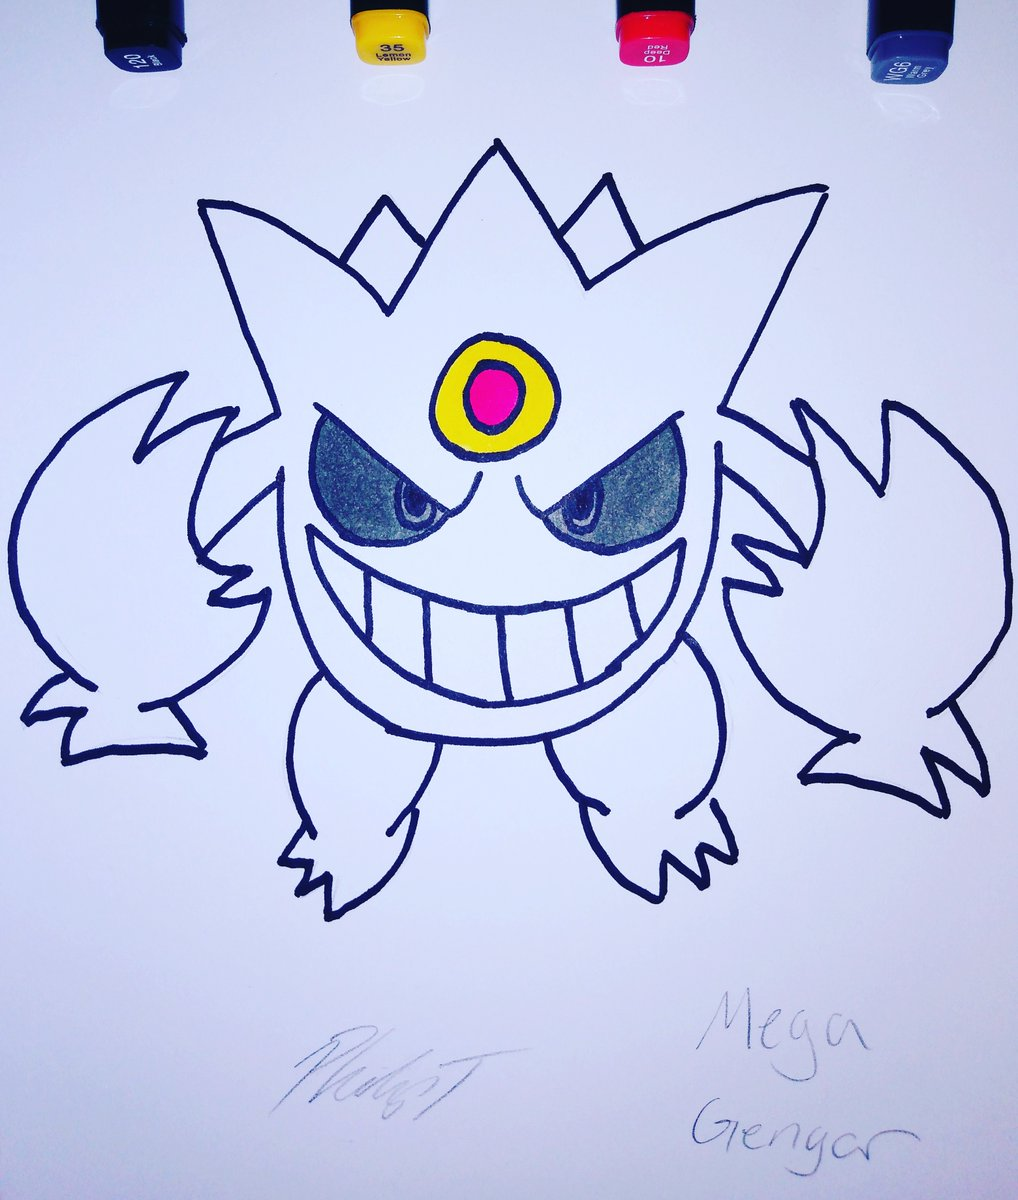 First Time Drawing Shiny Mega Gengar! ✨👻 #90sKid  #Draw #Nostalgic #Art  #CartoonArt #Nintendo #Games #VideoGame #Pokemon #MegaPokemon #GameBoy #Ghost  #Kanto  #PencilArt  #Anime #Manga  #ChibiArt  #Doodle #Drawing #Chibi #Gengar #MegaGengar https://t.co/ReJbxVAQTd